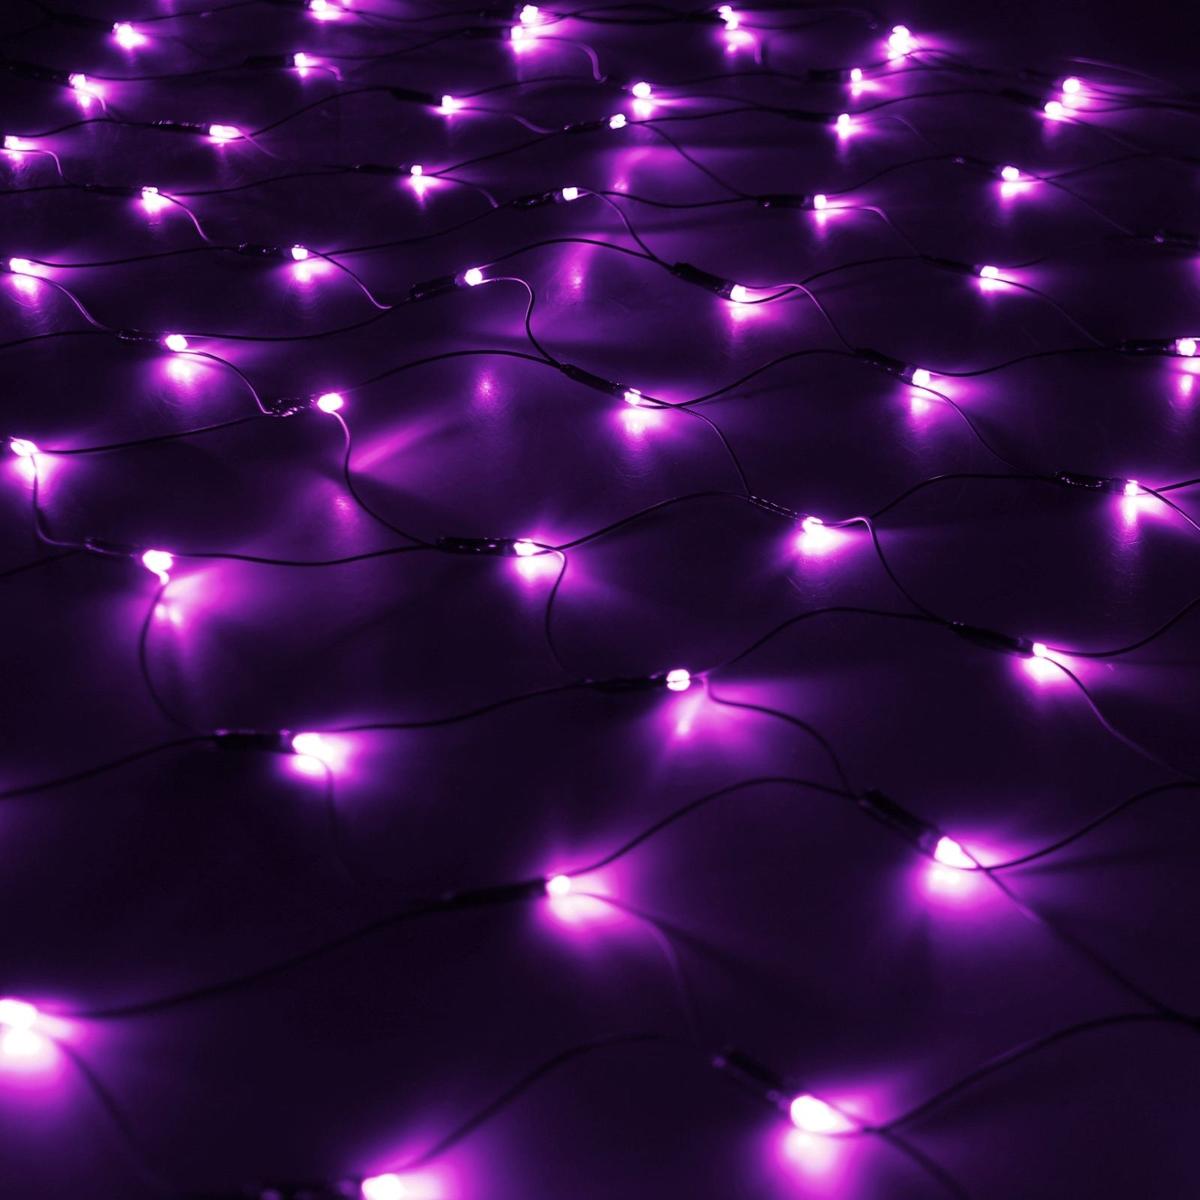 Гирлянда Luazon Сетка, длина 1,1 м, LED 144 ламп, 220V, цвет: фиолетовый. 187221187221Светодиодные гирлянды, ленты и т.д — это отличный вариант для новогоднего оформления интерьера или фасада. С их помощью помещение любого размера можно превратить в праздничный зал, а внешние элементы зданий, украшенные ими, мгновенно станут напоминать очертания сказочного дворца. Такие украшения создают ауру предвкушения чуда. Деревья, фасады, витрины, окна и арки будто специально созданы, чтобы вы украсили их светящимися нитями.